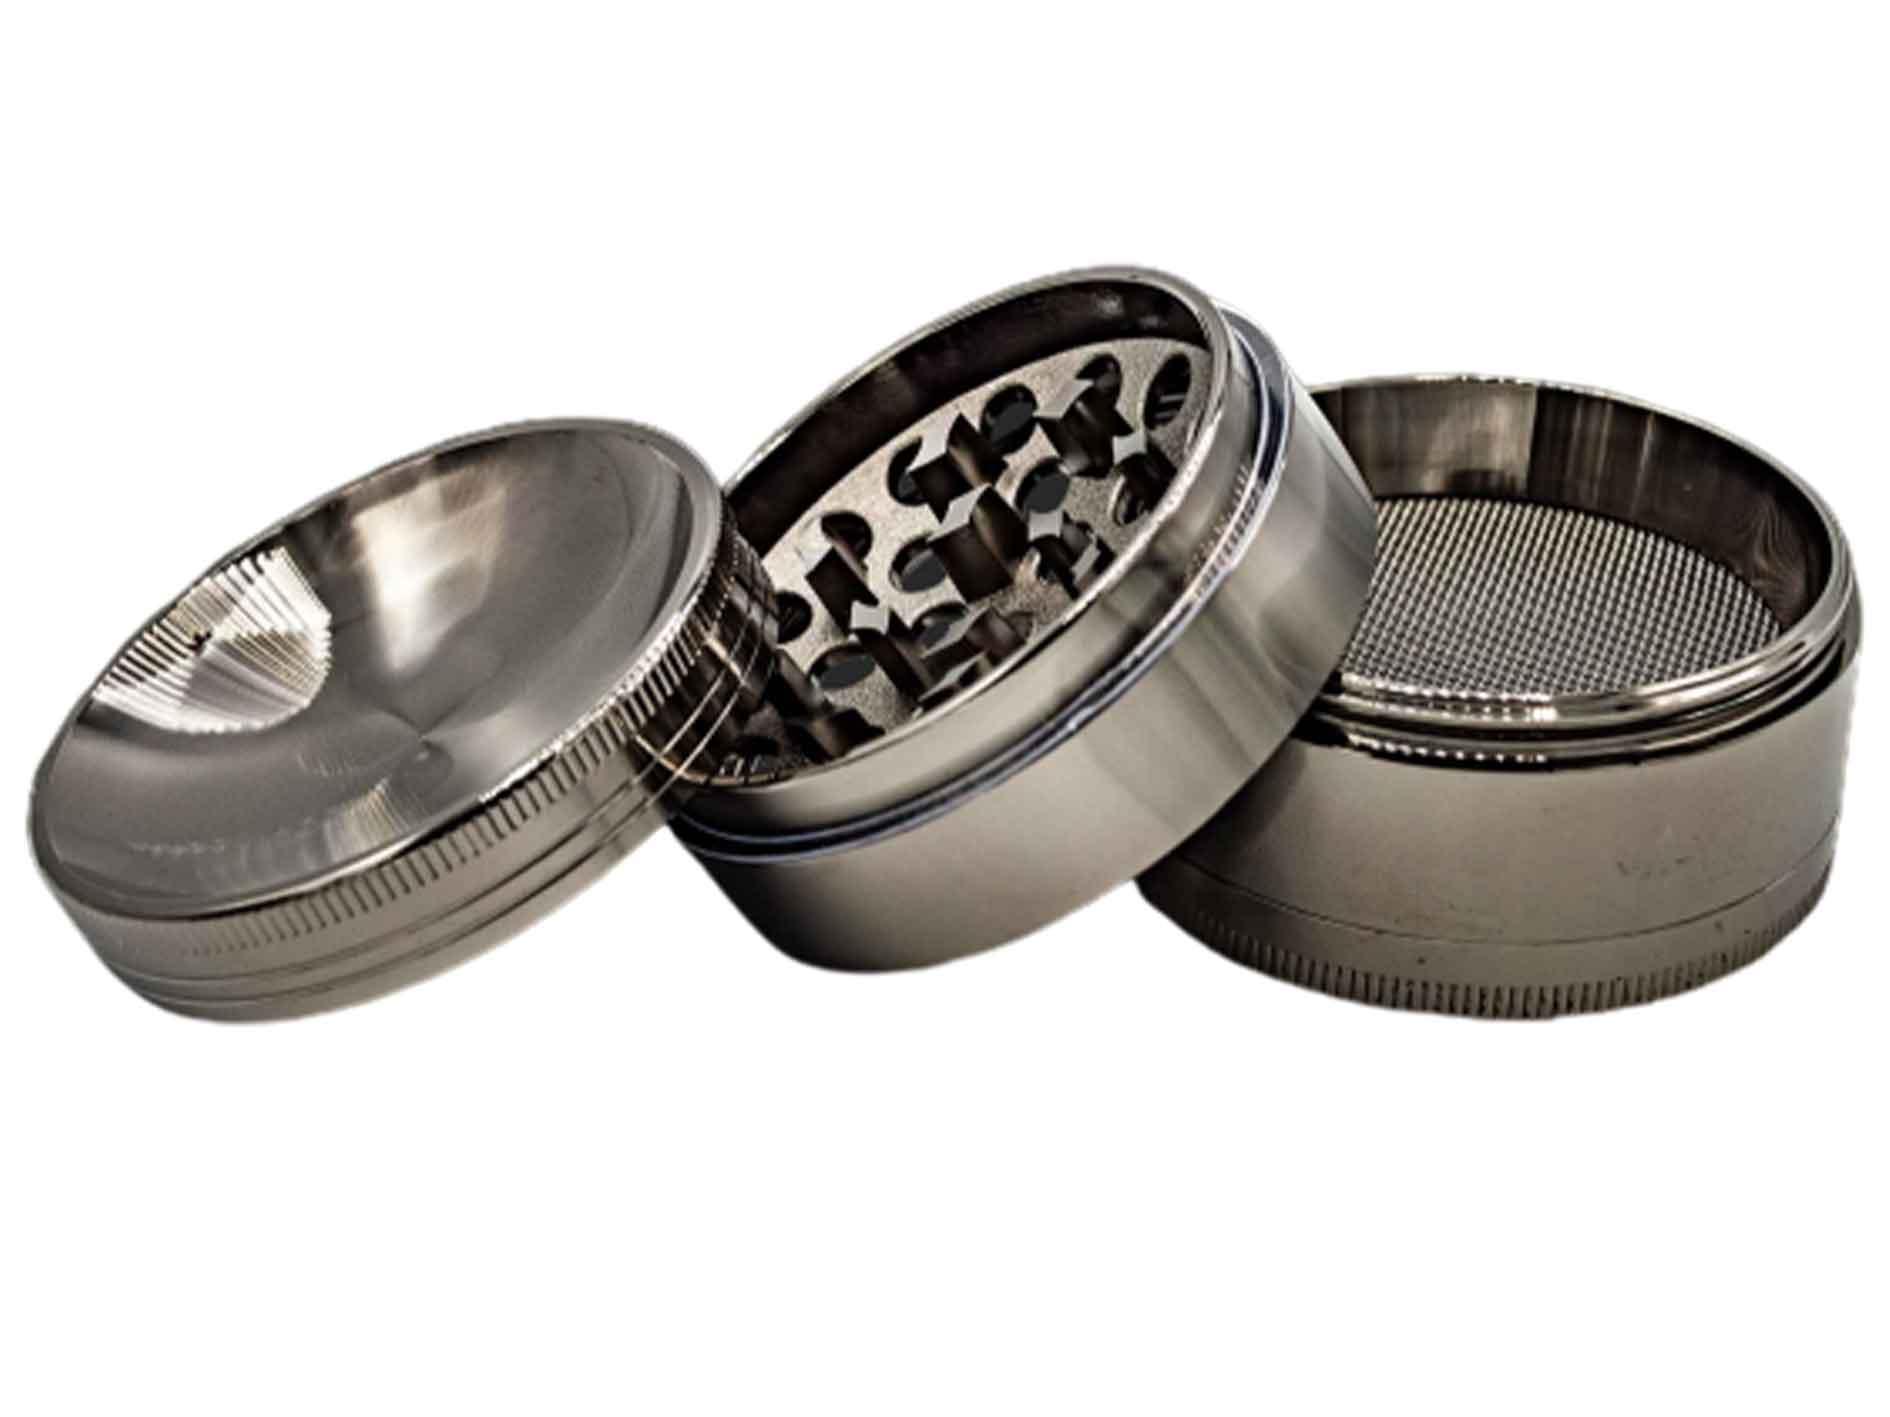 grau konkav grau Grinder 4-tlg Ø 63mm